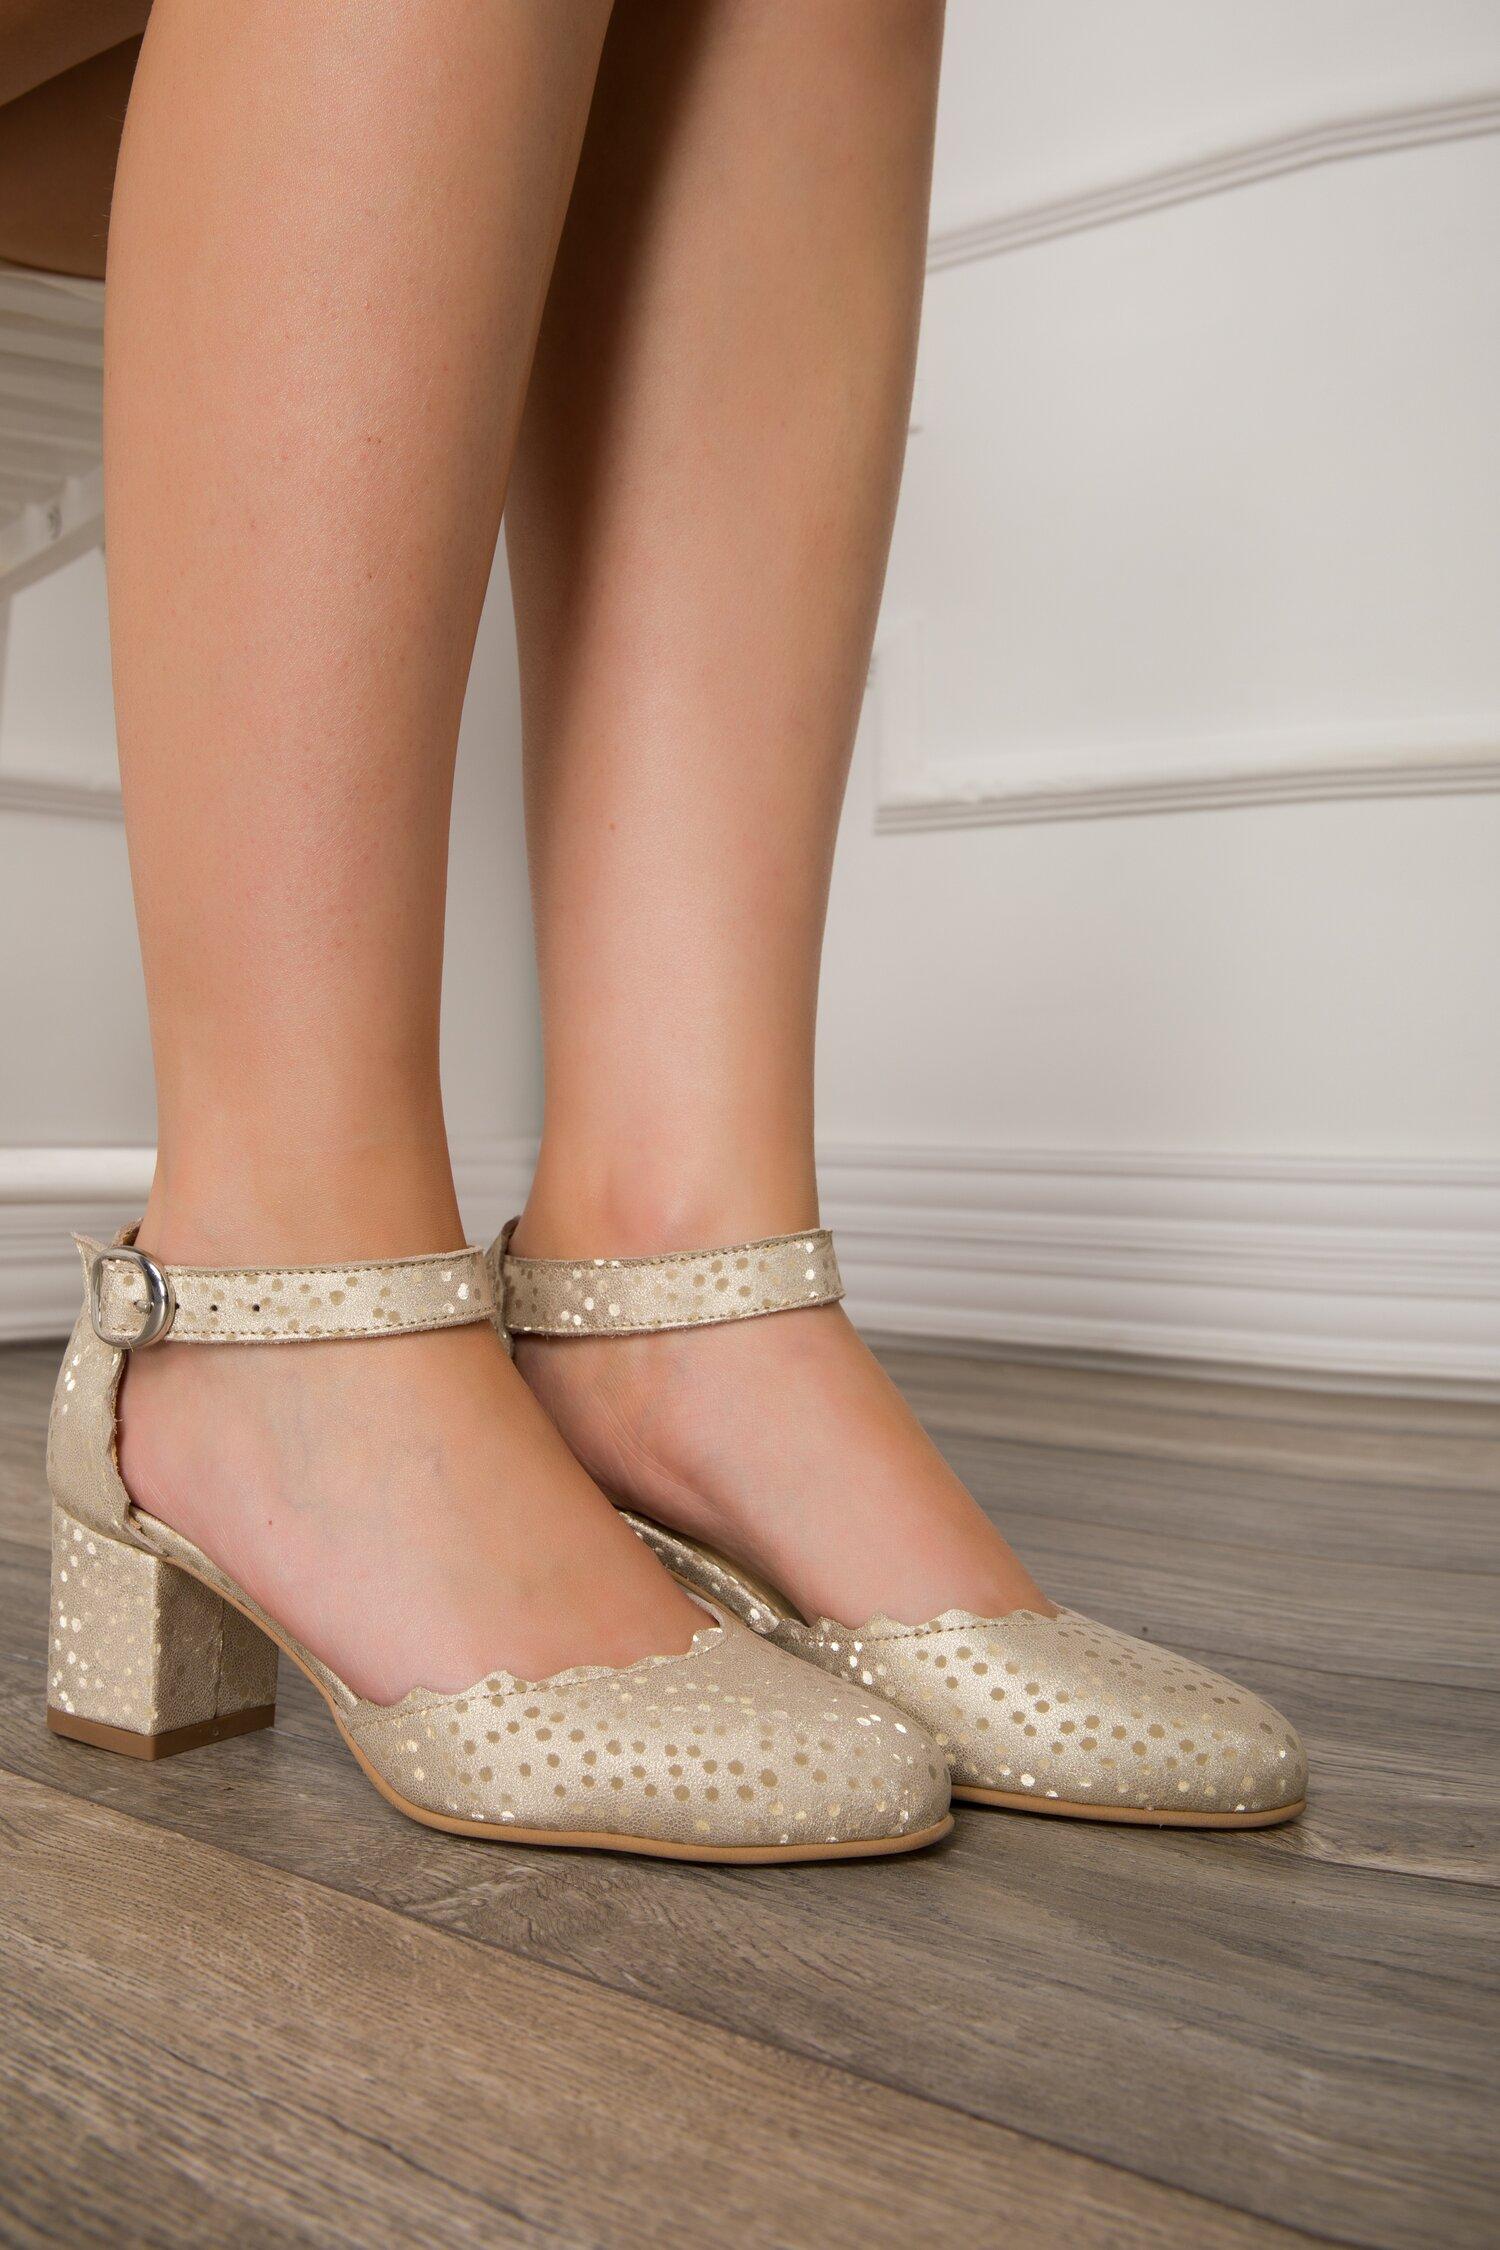 Pantofi decupati bej sidefat cu buline aurii imagine